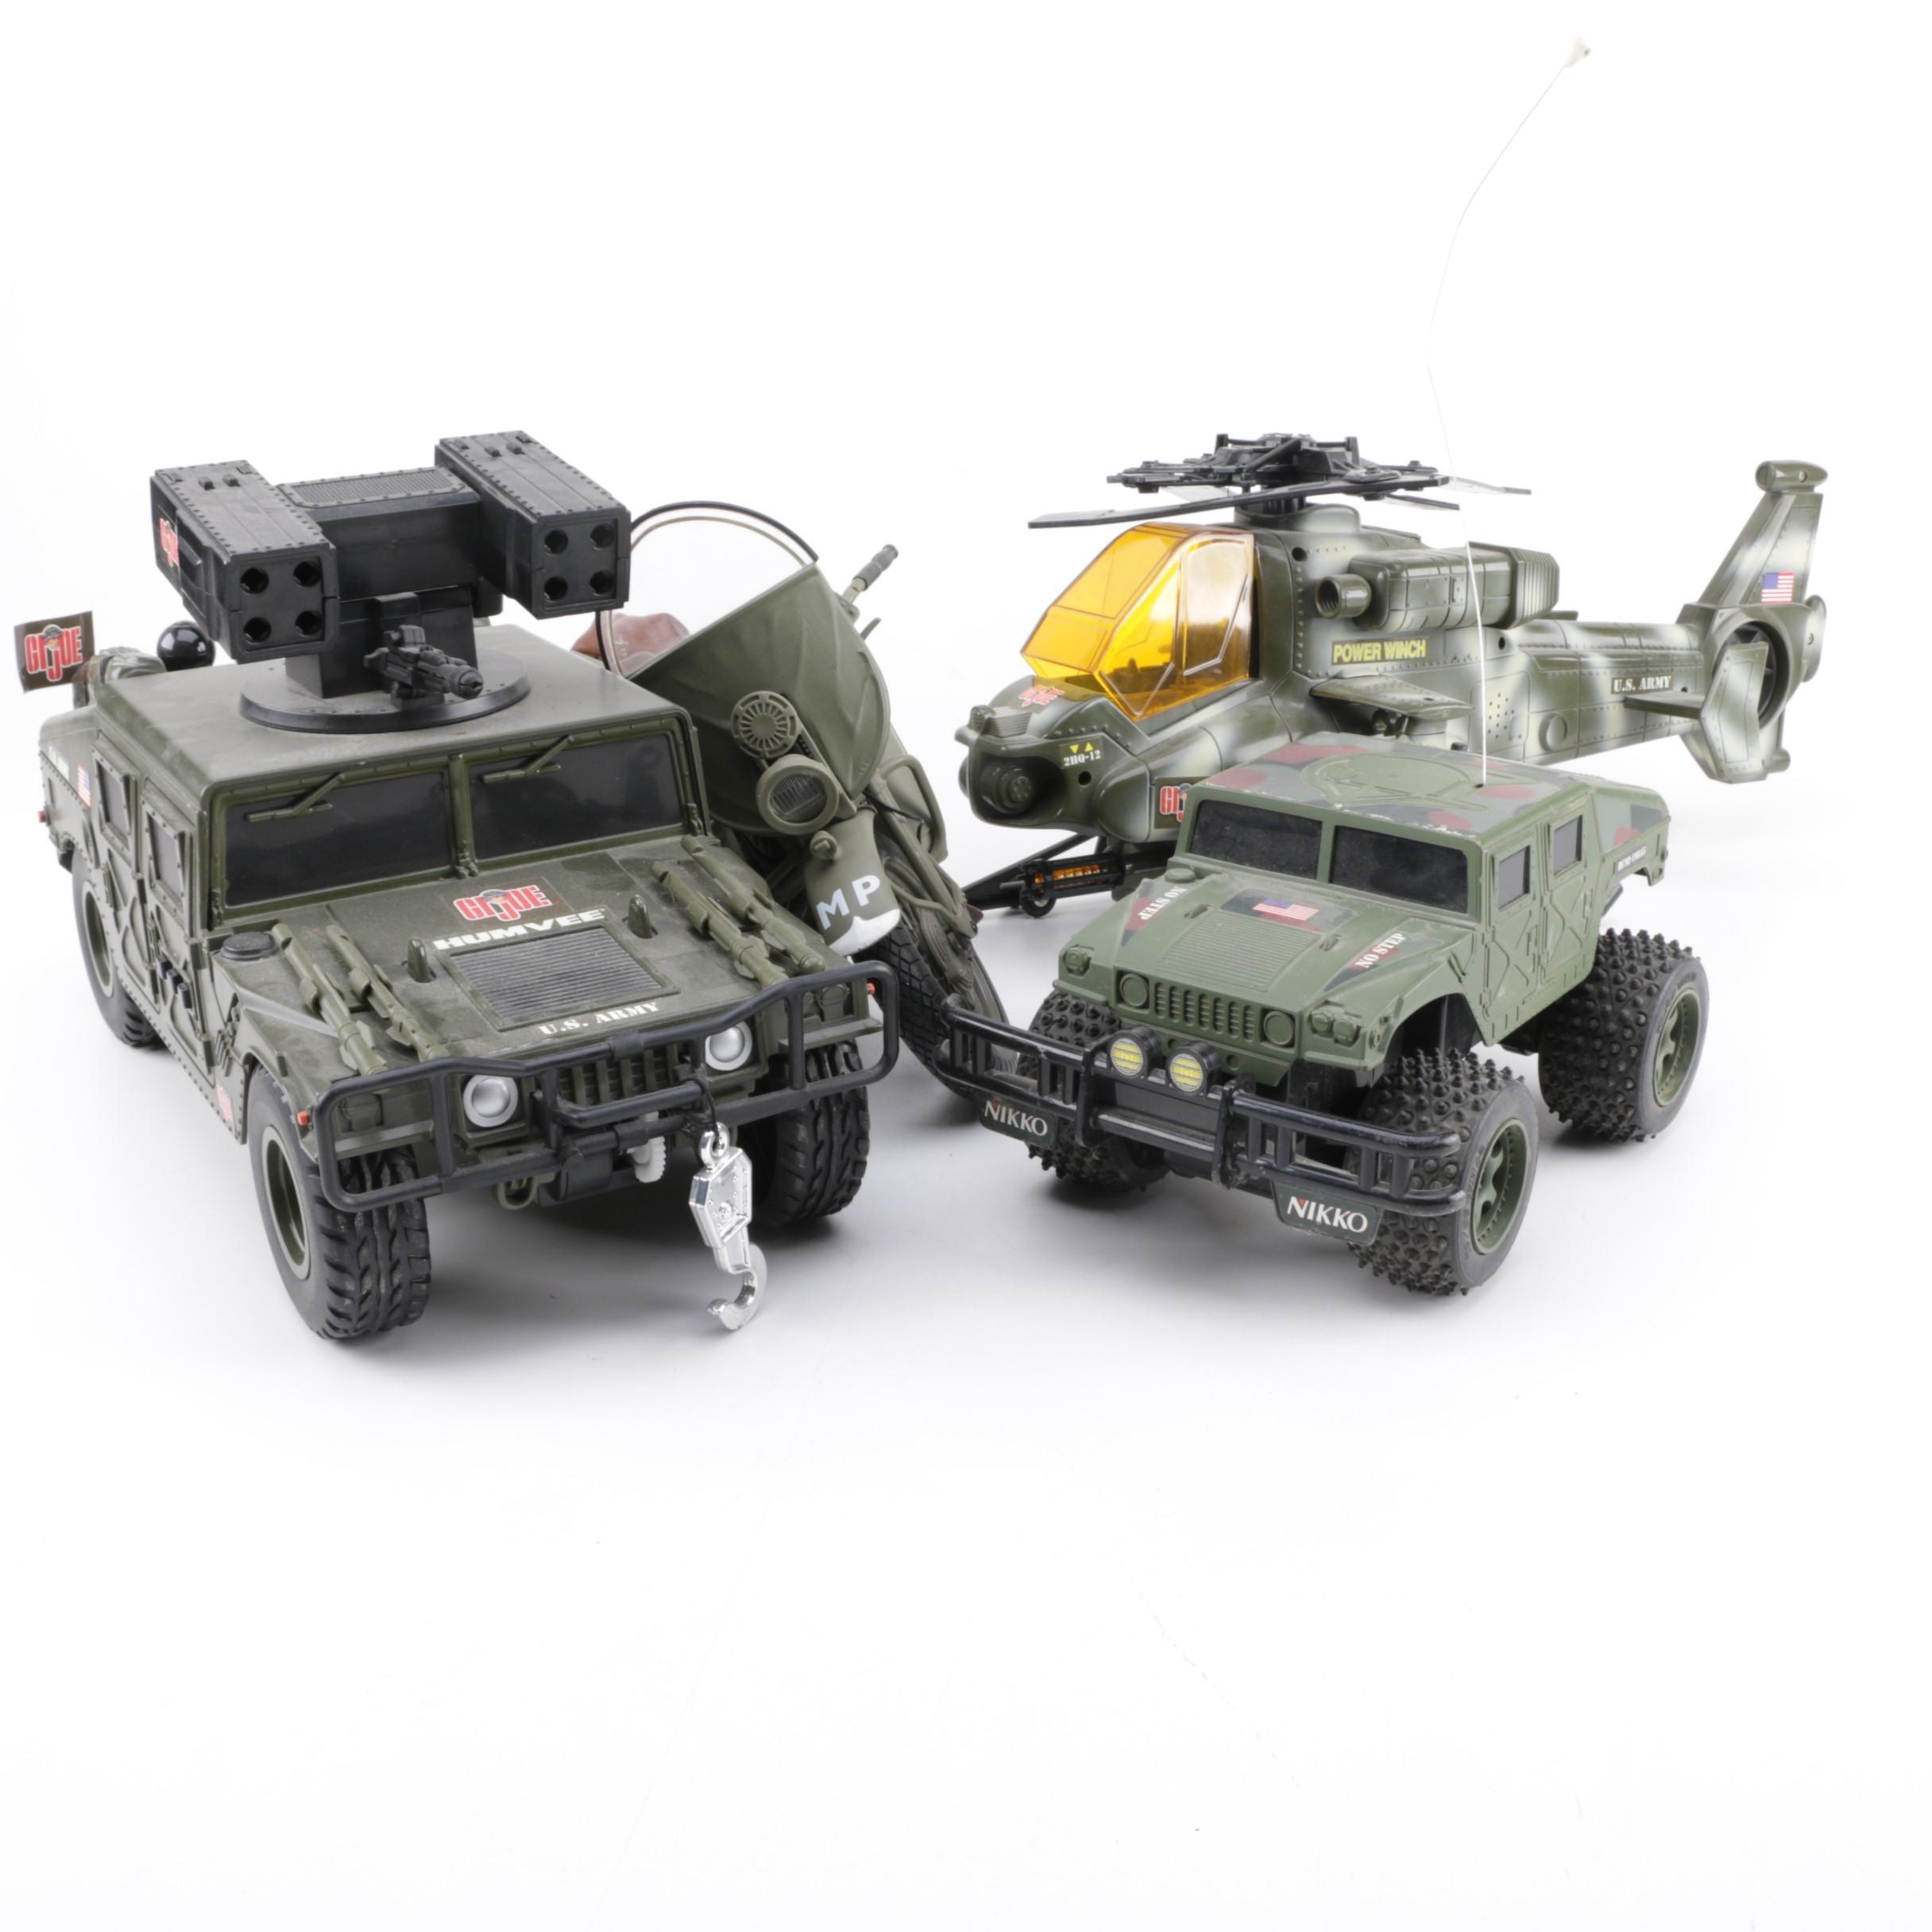 G.I. Joe Vehicles and Nikko Humvee